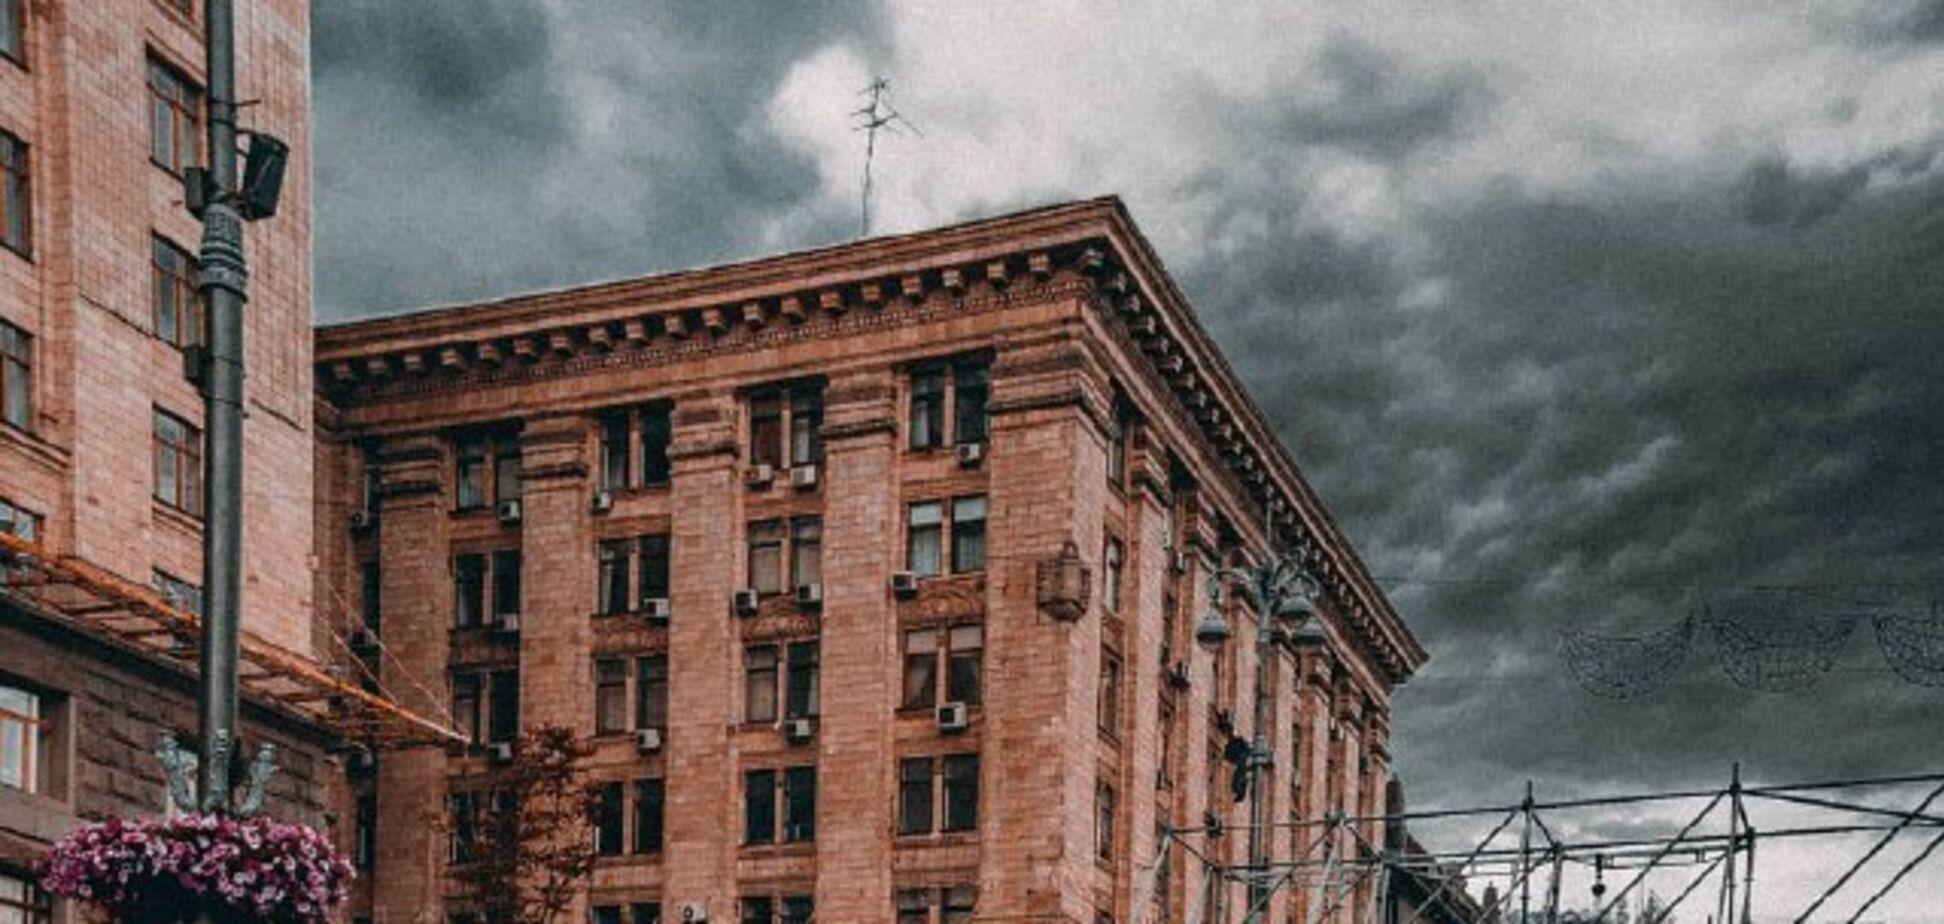 Как выглядит Киев осенью: подборка самых красивых фото столицы из сети